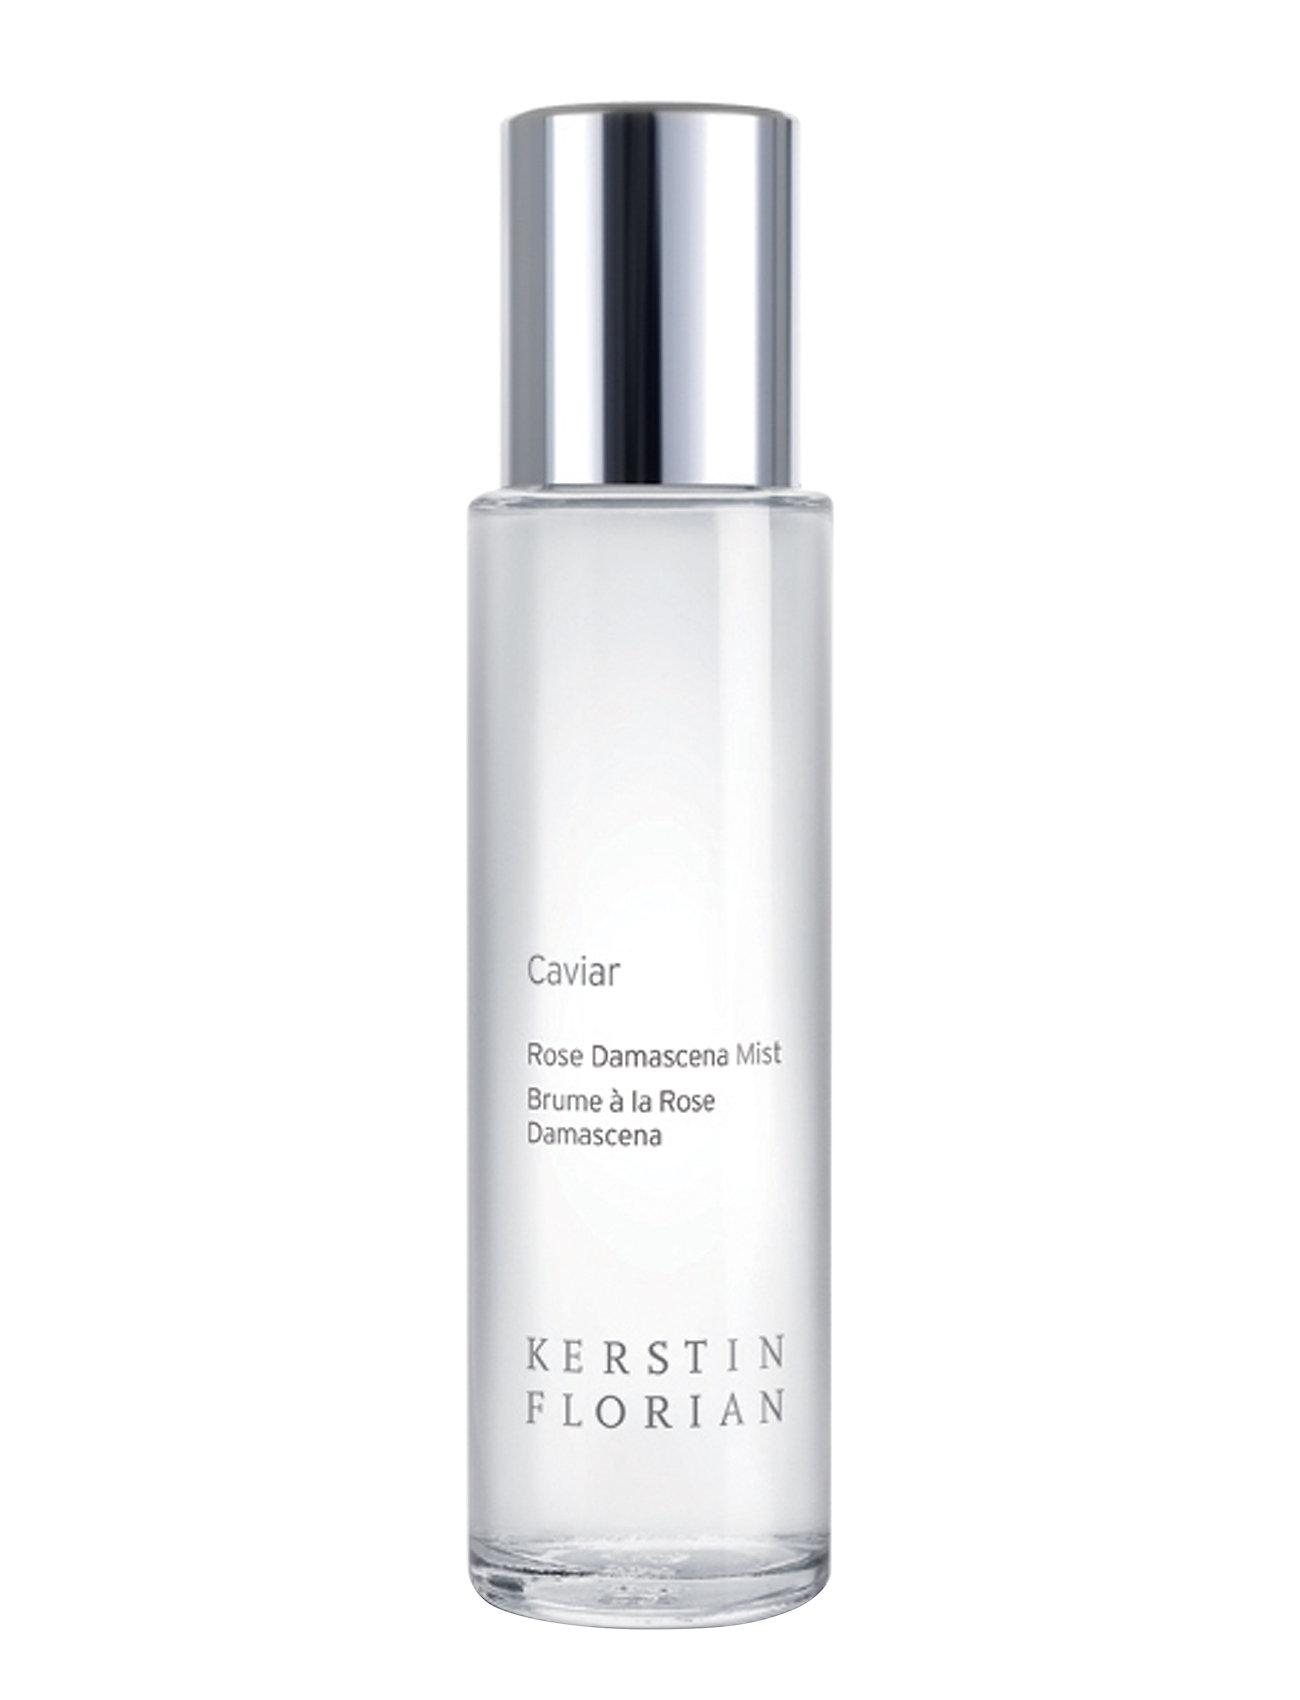 Image of Caviar Rose Damascena Mist Beauty WOMEN Skin Care Face Face Mist Nude Kerstin Florian (3077236719)